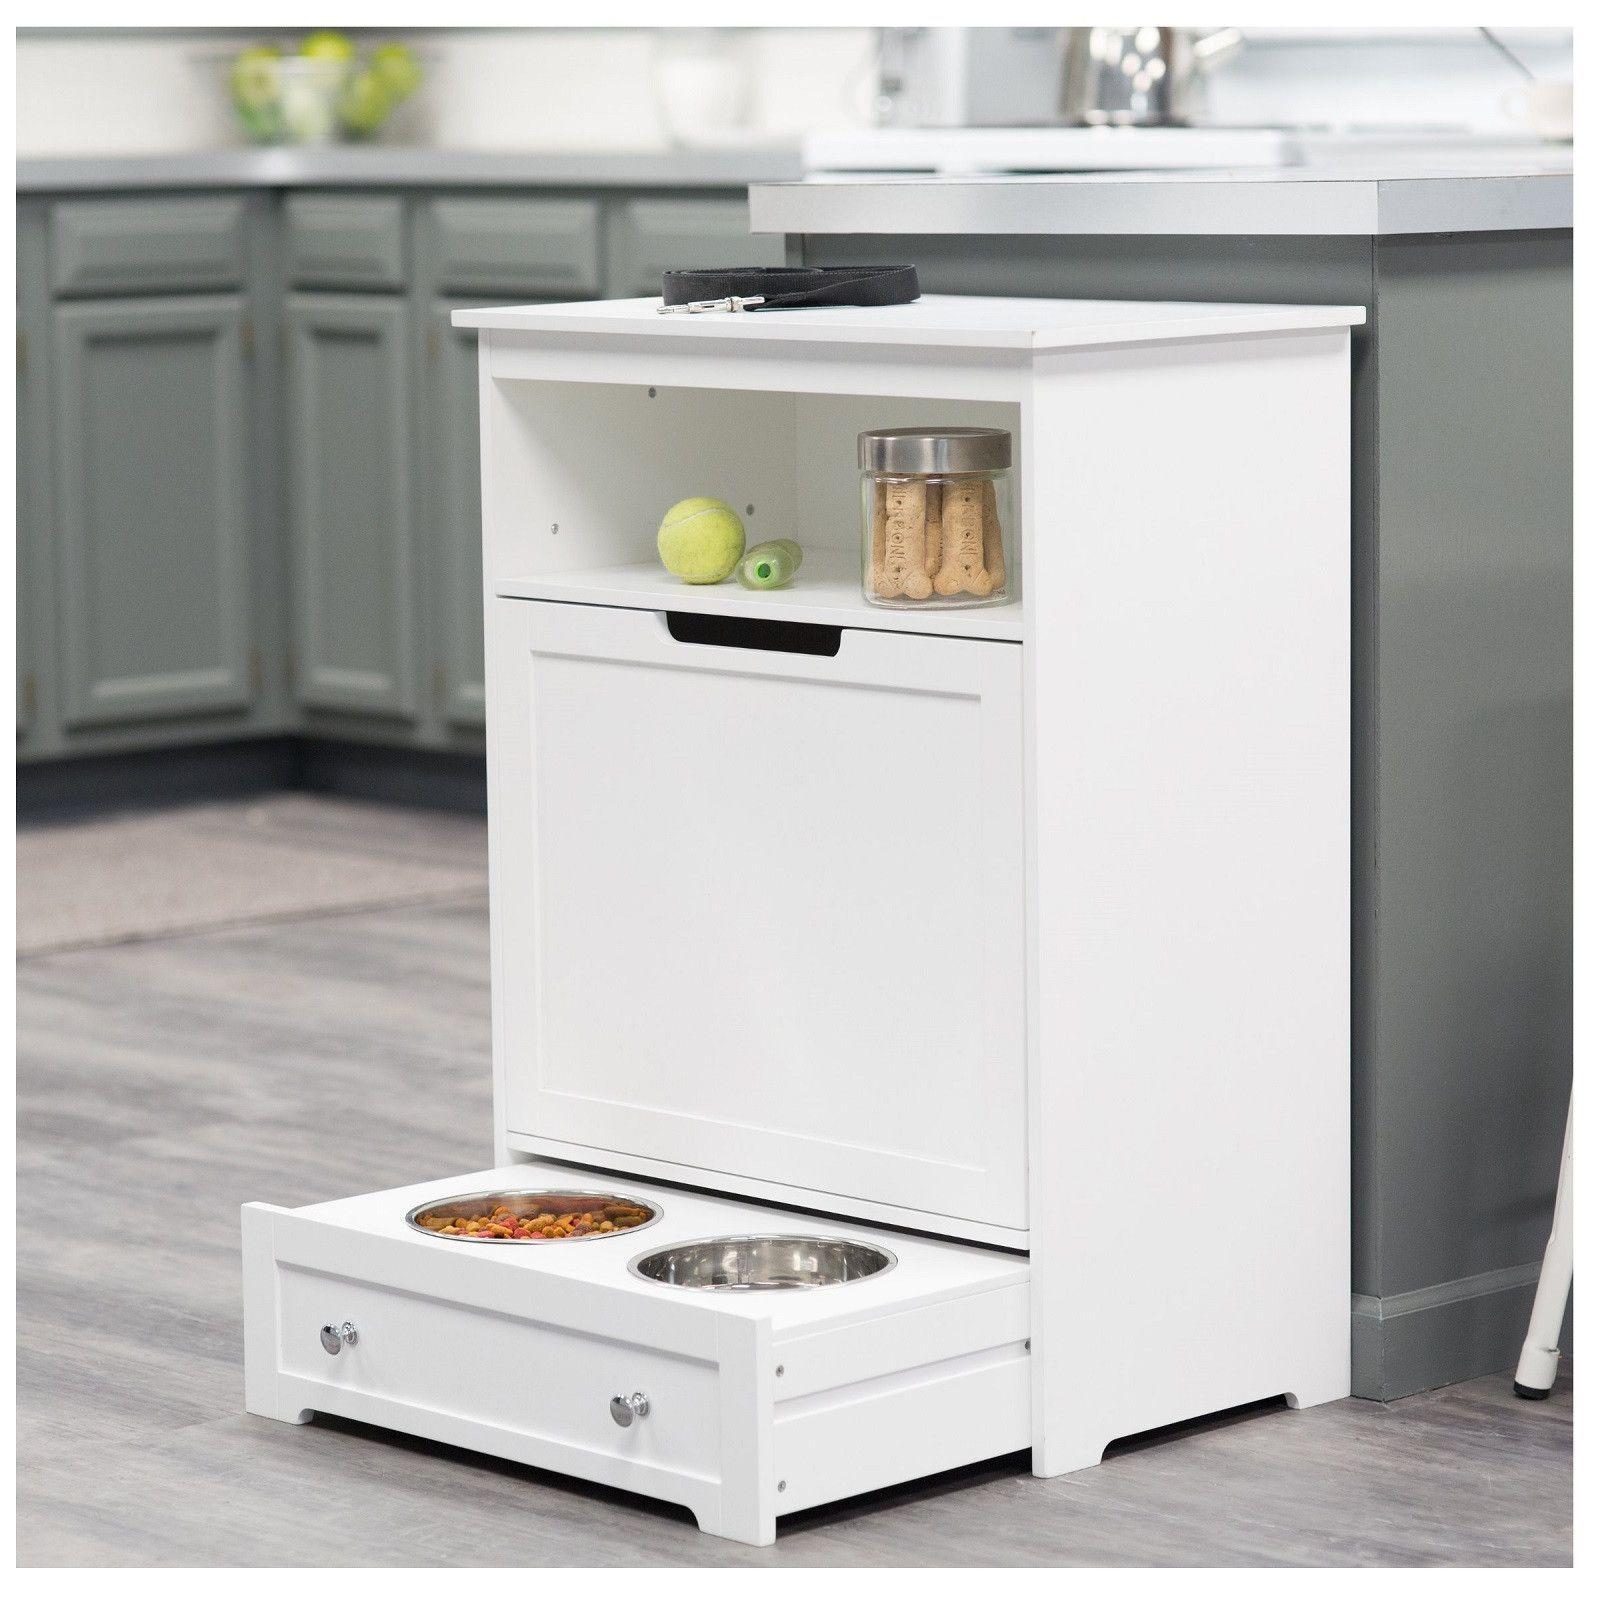 Dog food station pet feeder station storage cabinet product description this dog food storage cabinet